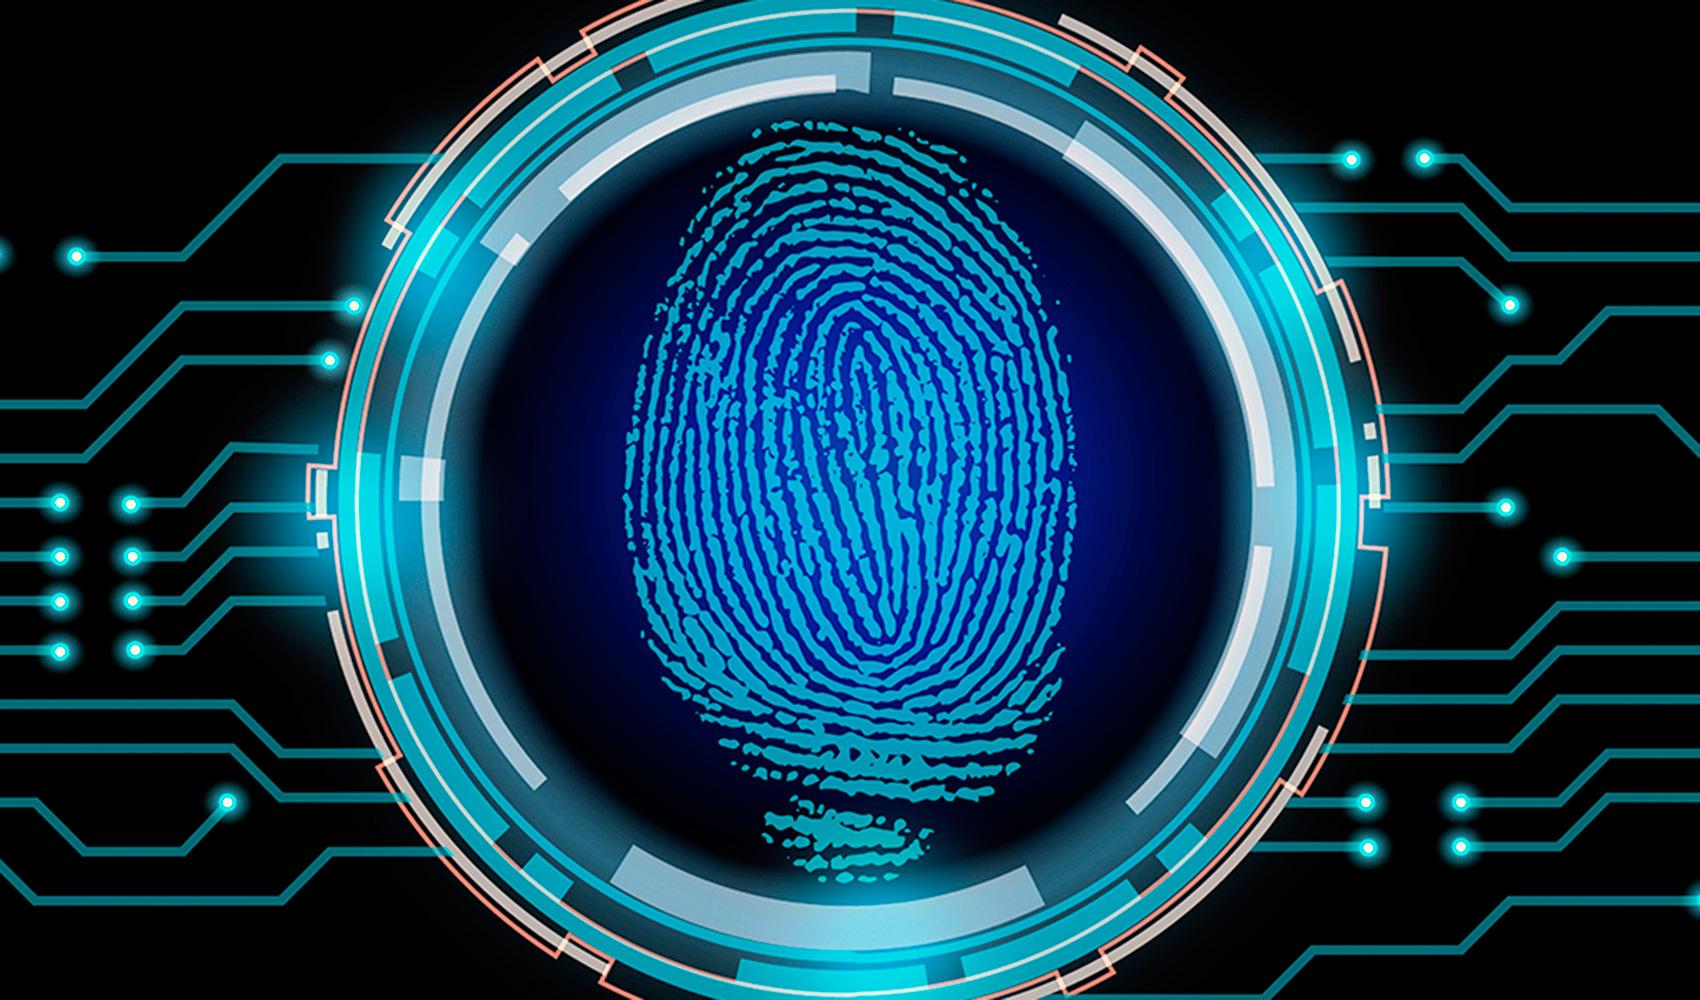 Exploración horizontal y vertical de la ciberseguridad y privacidad ...